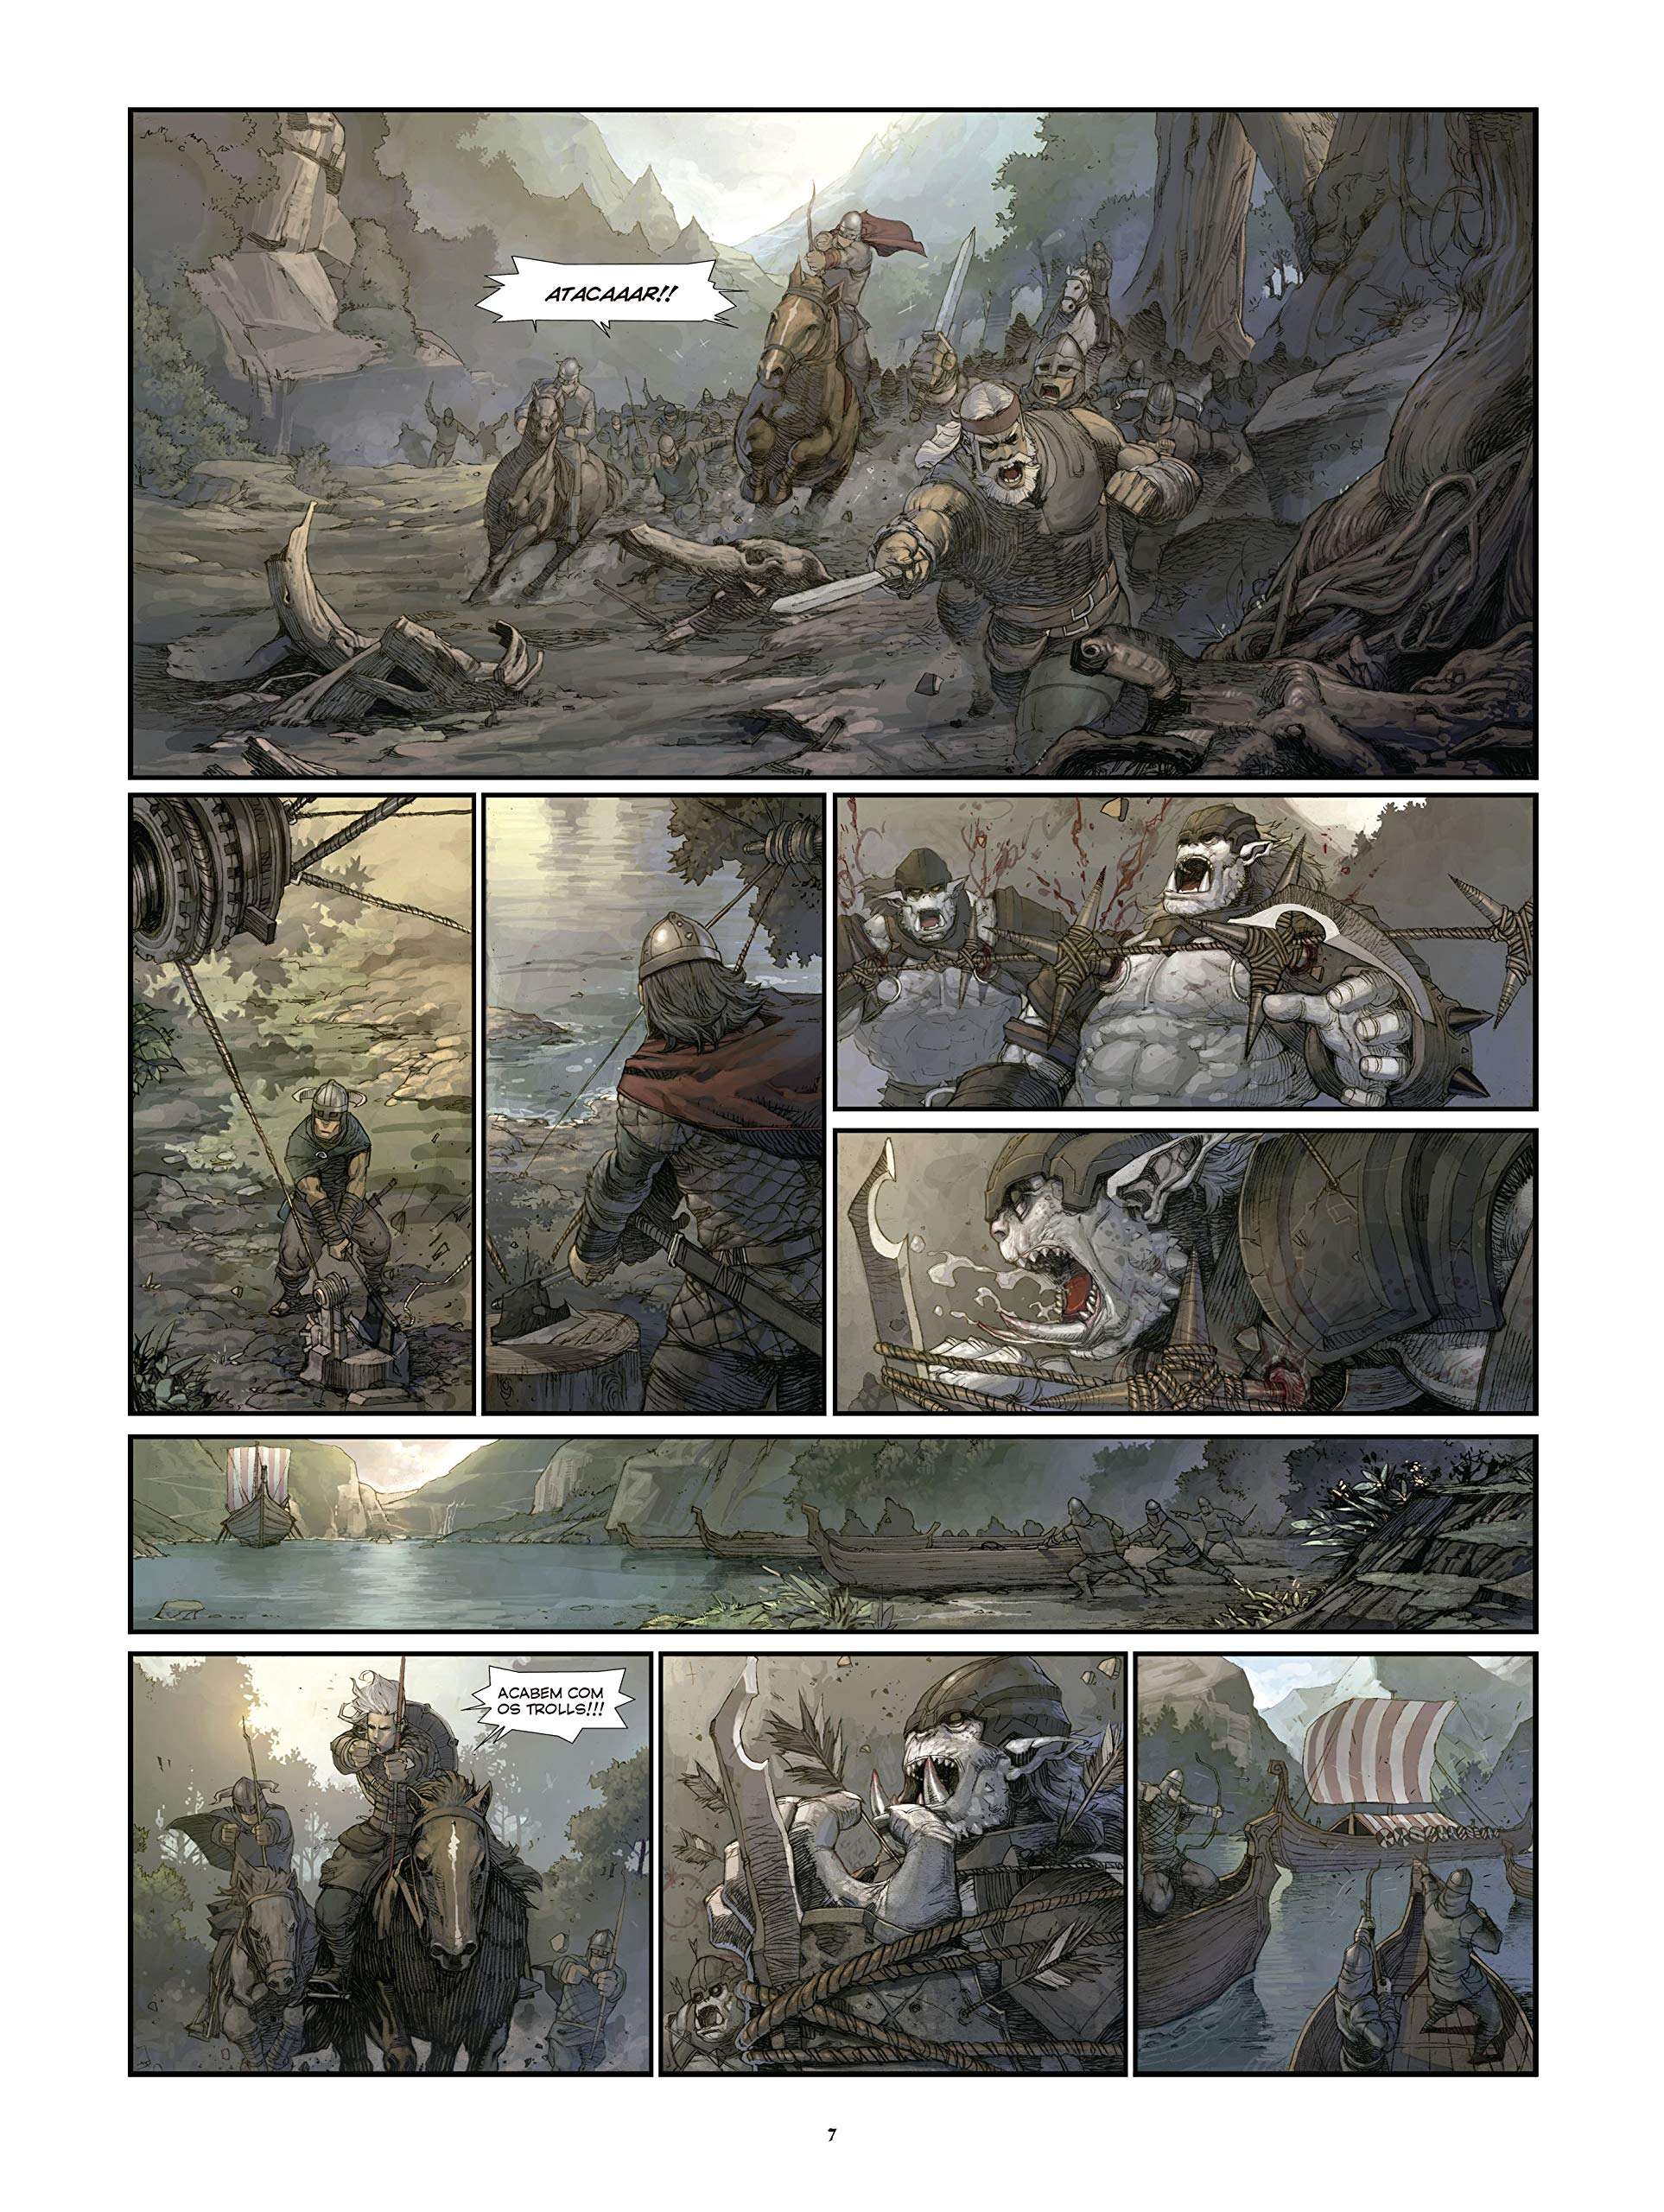 Konungar. A Guerra dos Reis (Em Portugues do Brasil): Sylvain Runberg e Juzhen: 9788578673536: Amazon.com: Books